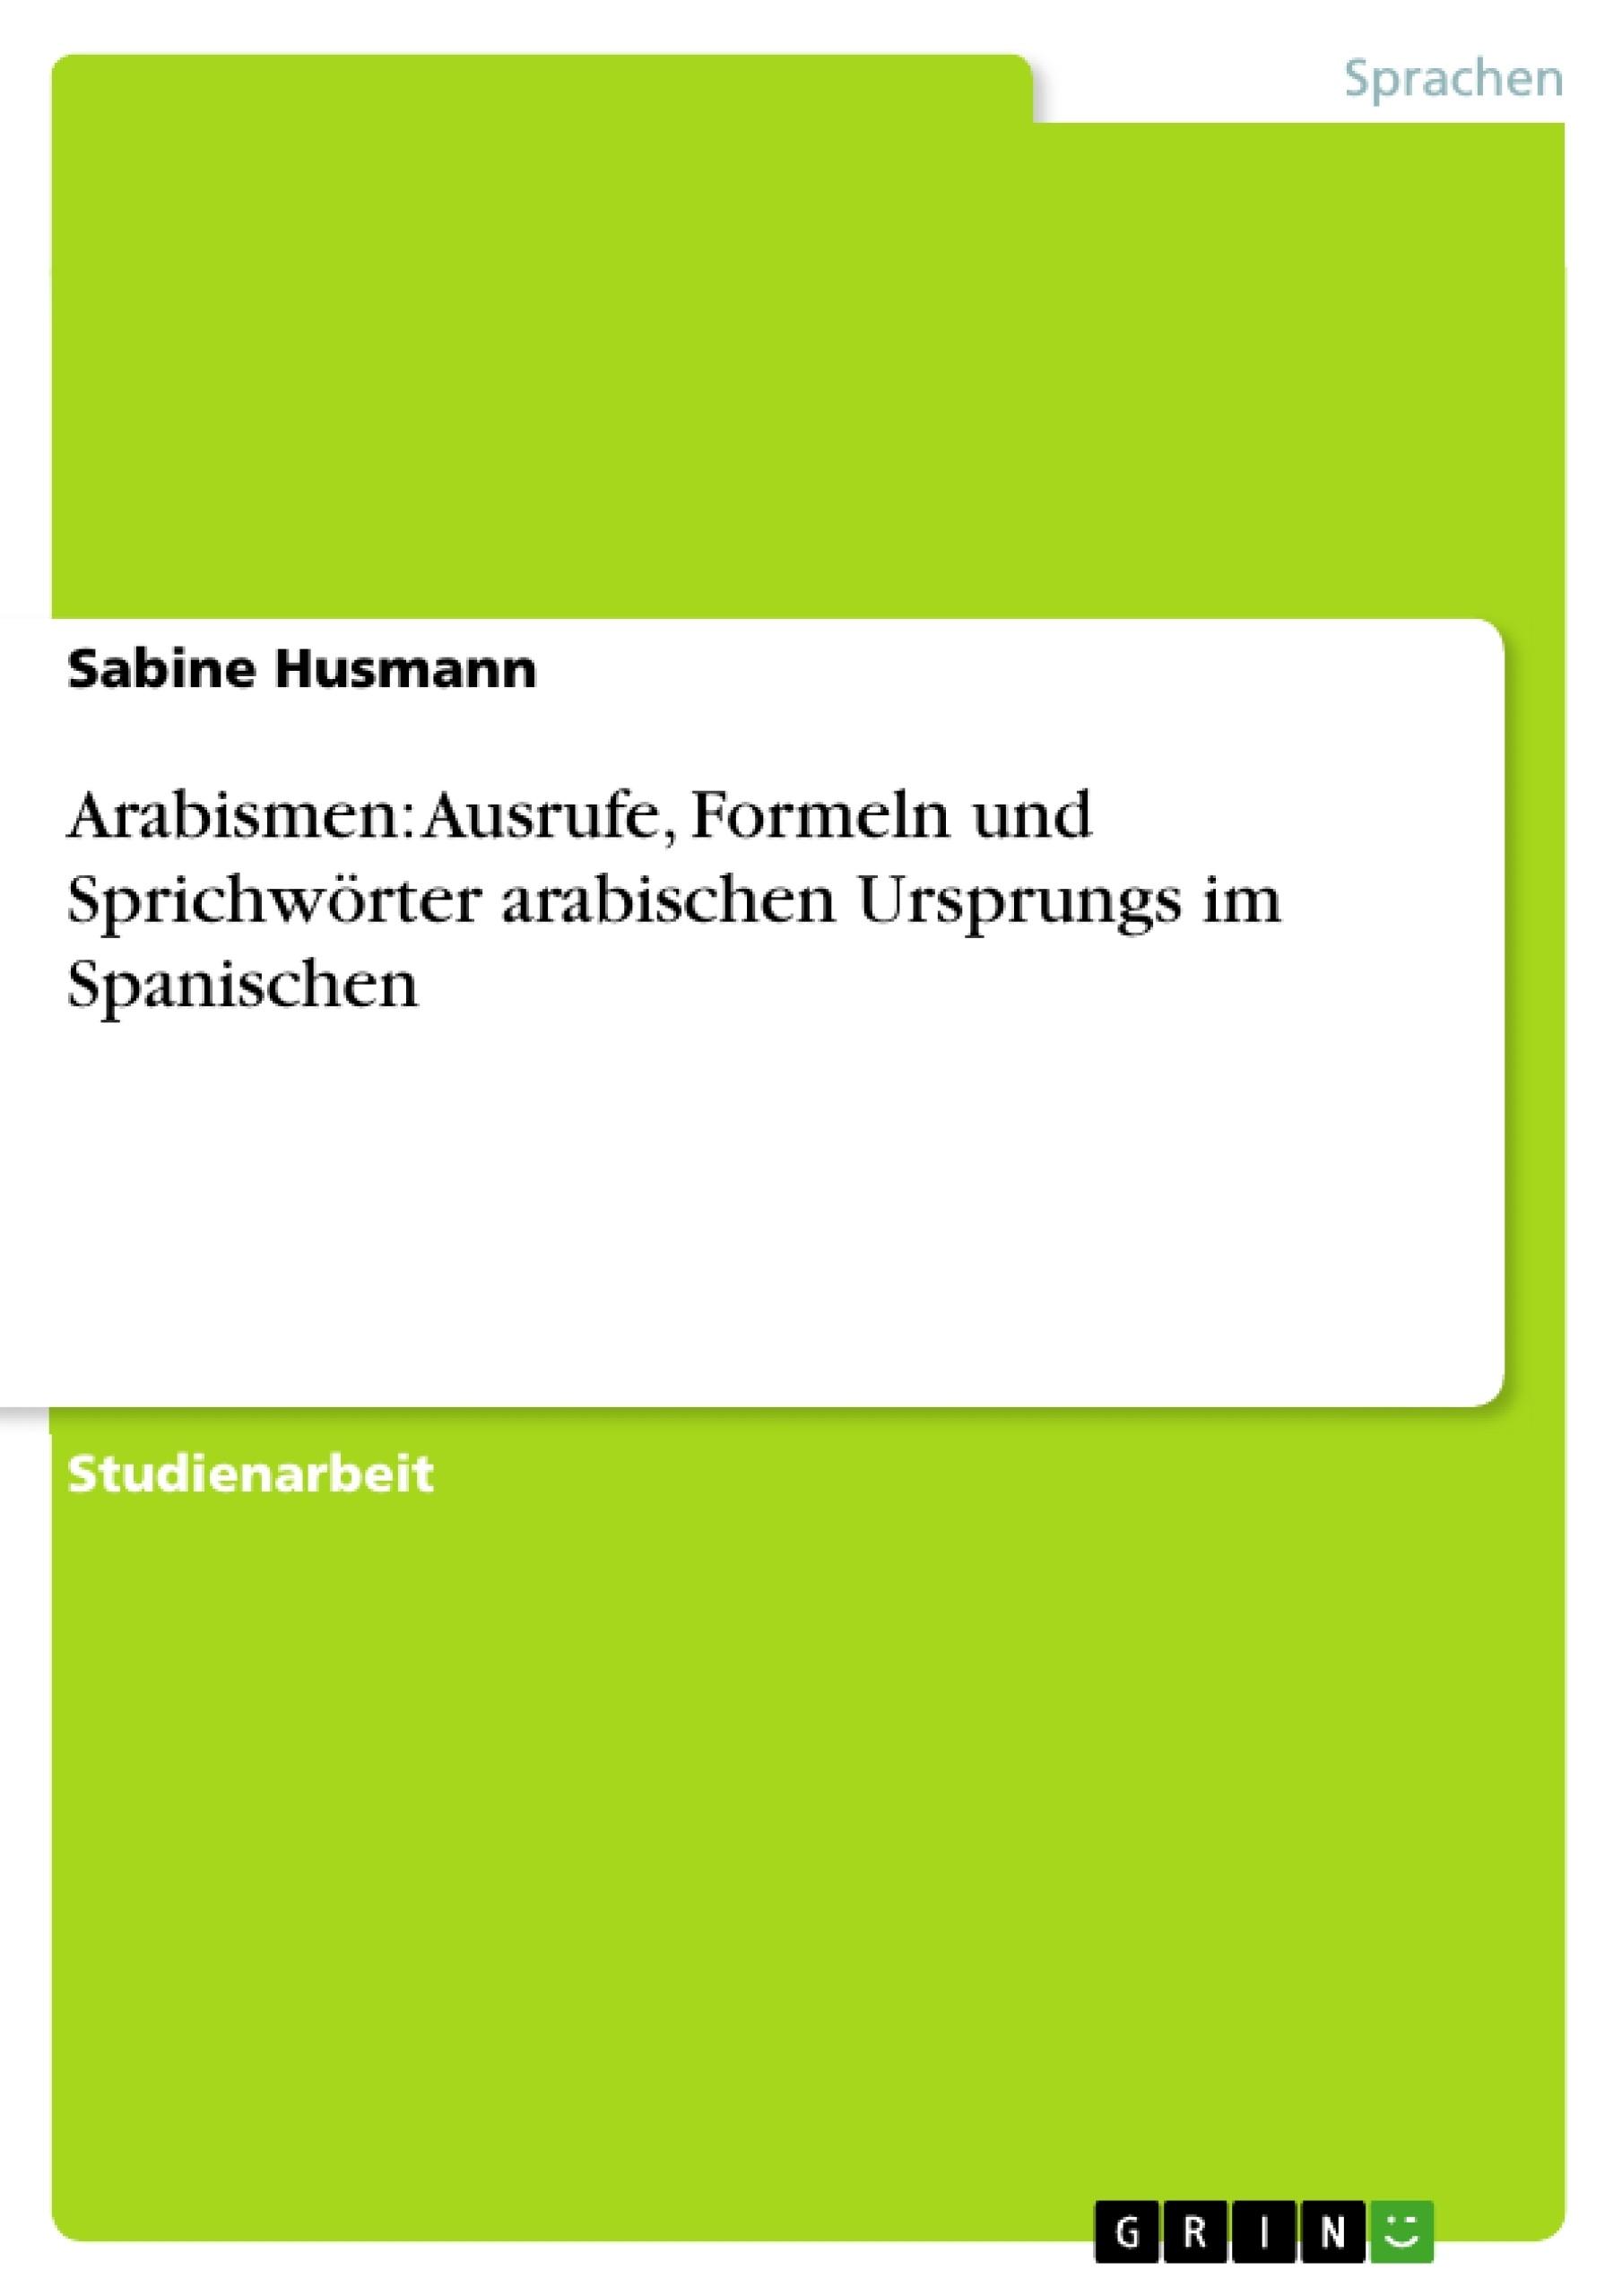 Titel: Arabismen: Ausrufe, Formeln und Sprichwörter arabischen Ursprungs im Spanischen